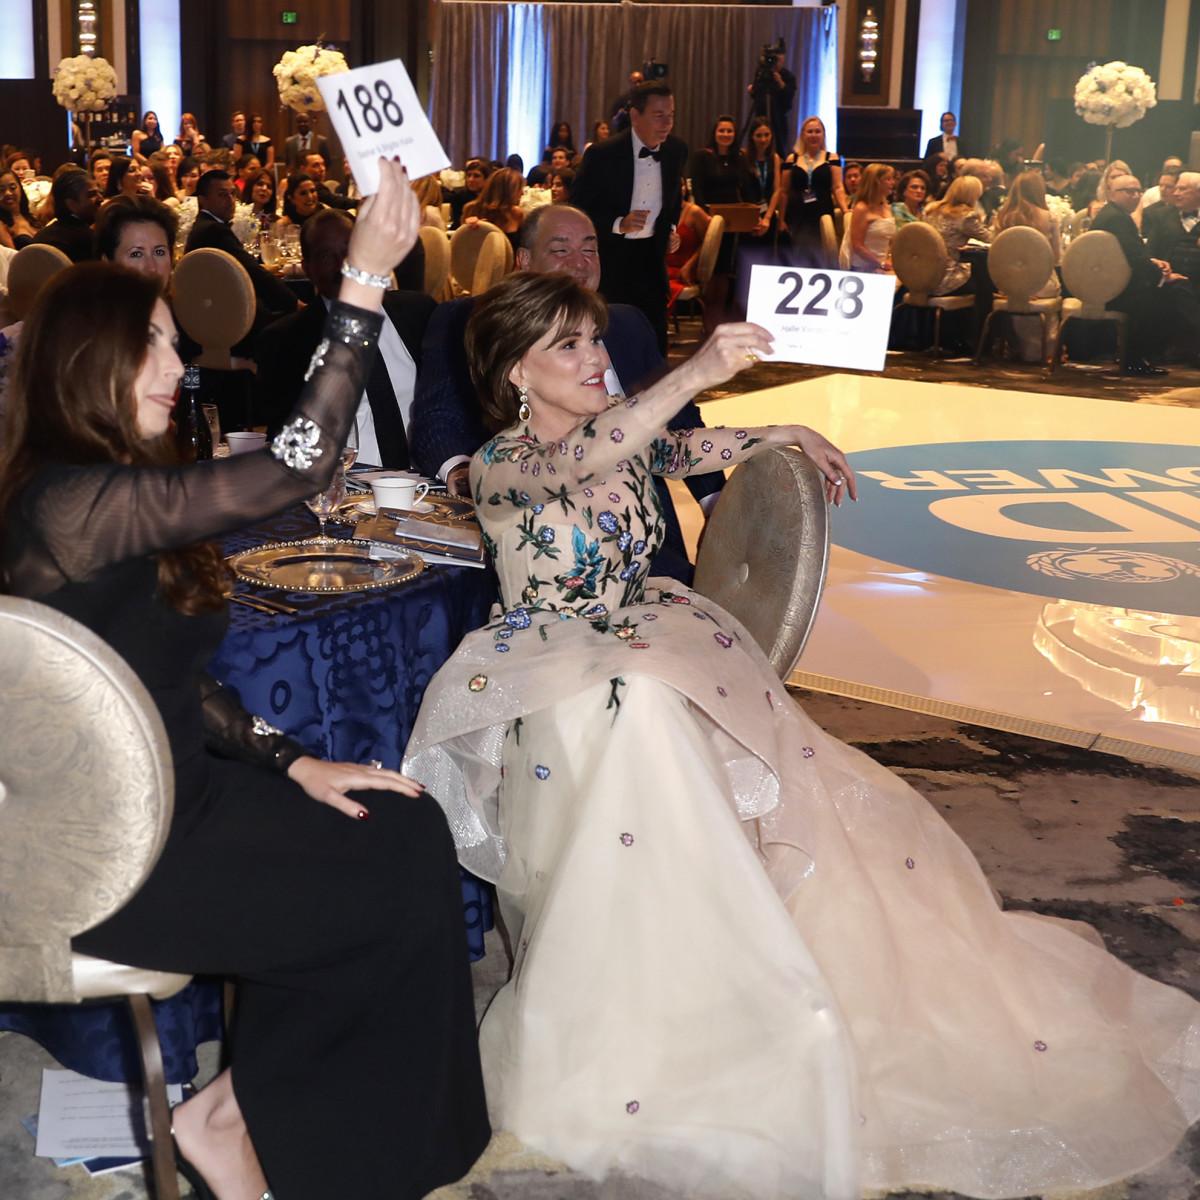 UNICEF Gala Houston 2019 Hallie Vanderhider